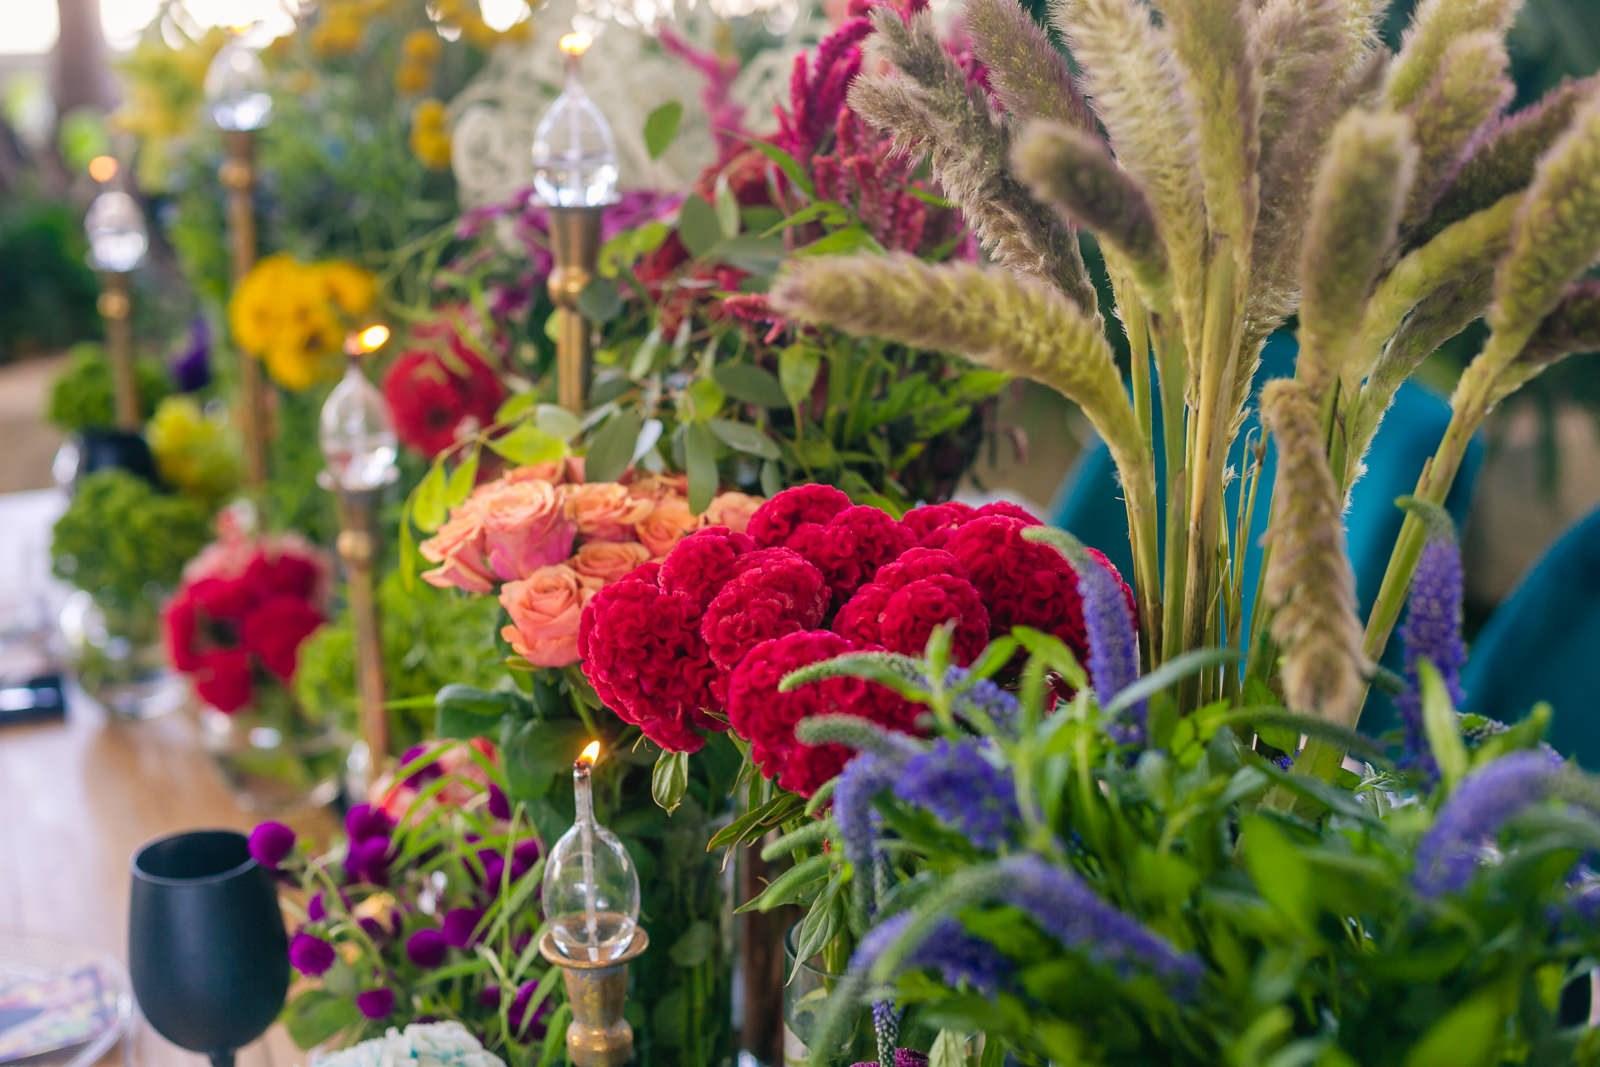 ג'ונגל וייב: הפקת חתונה צבעונית וקיצית, מקום לחגוג, 1